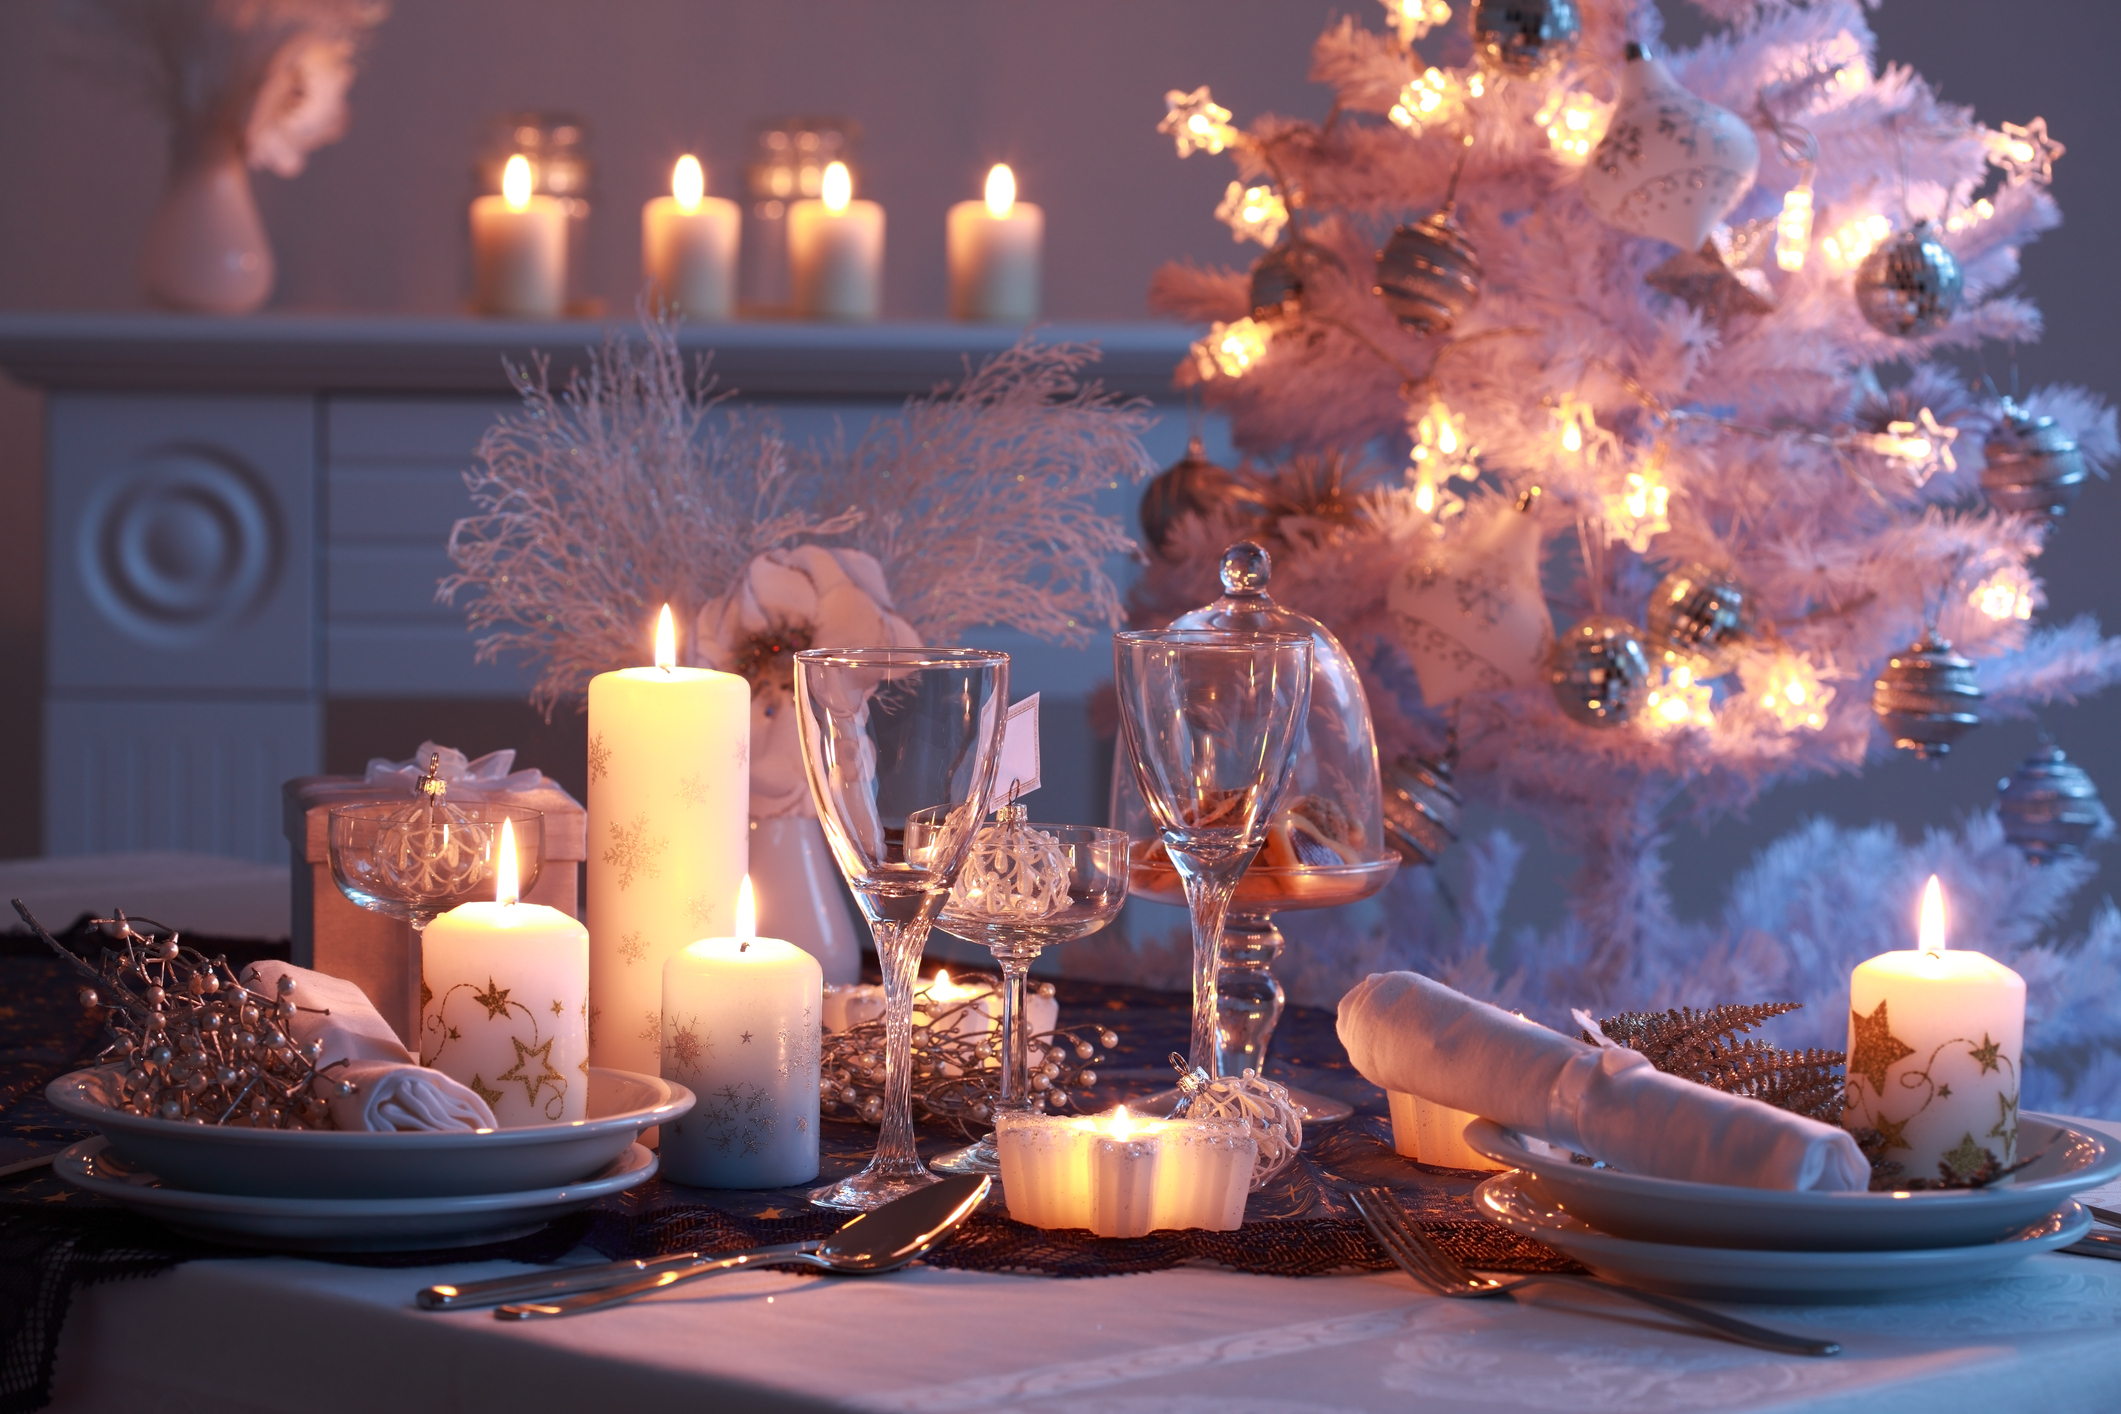 Dekoracje bożonarodzeniowe - GALERIA. Otul dom blaskiem świec